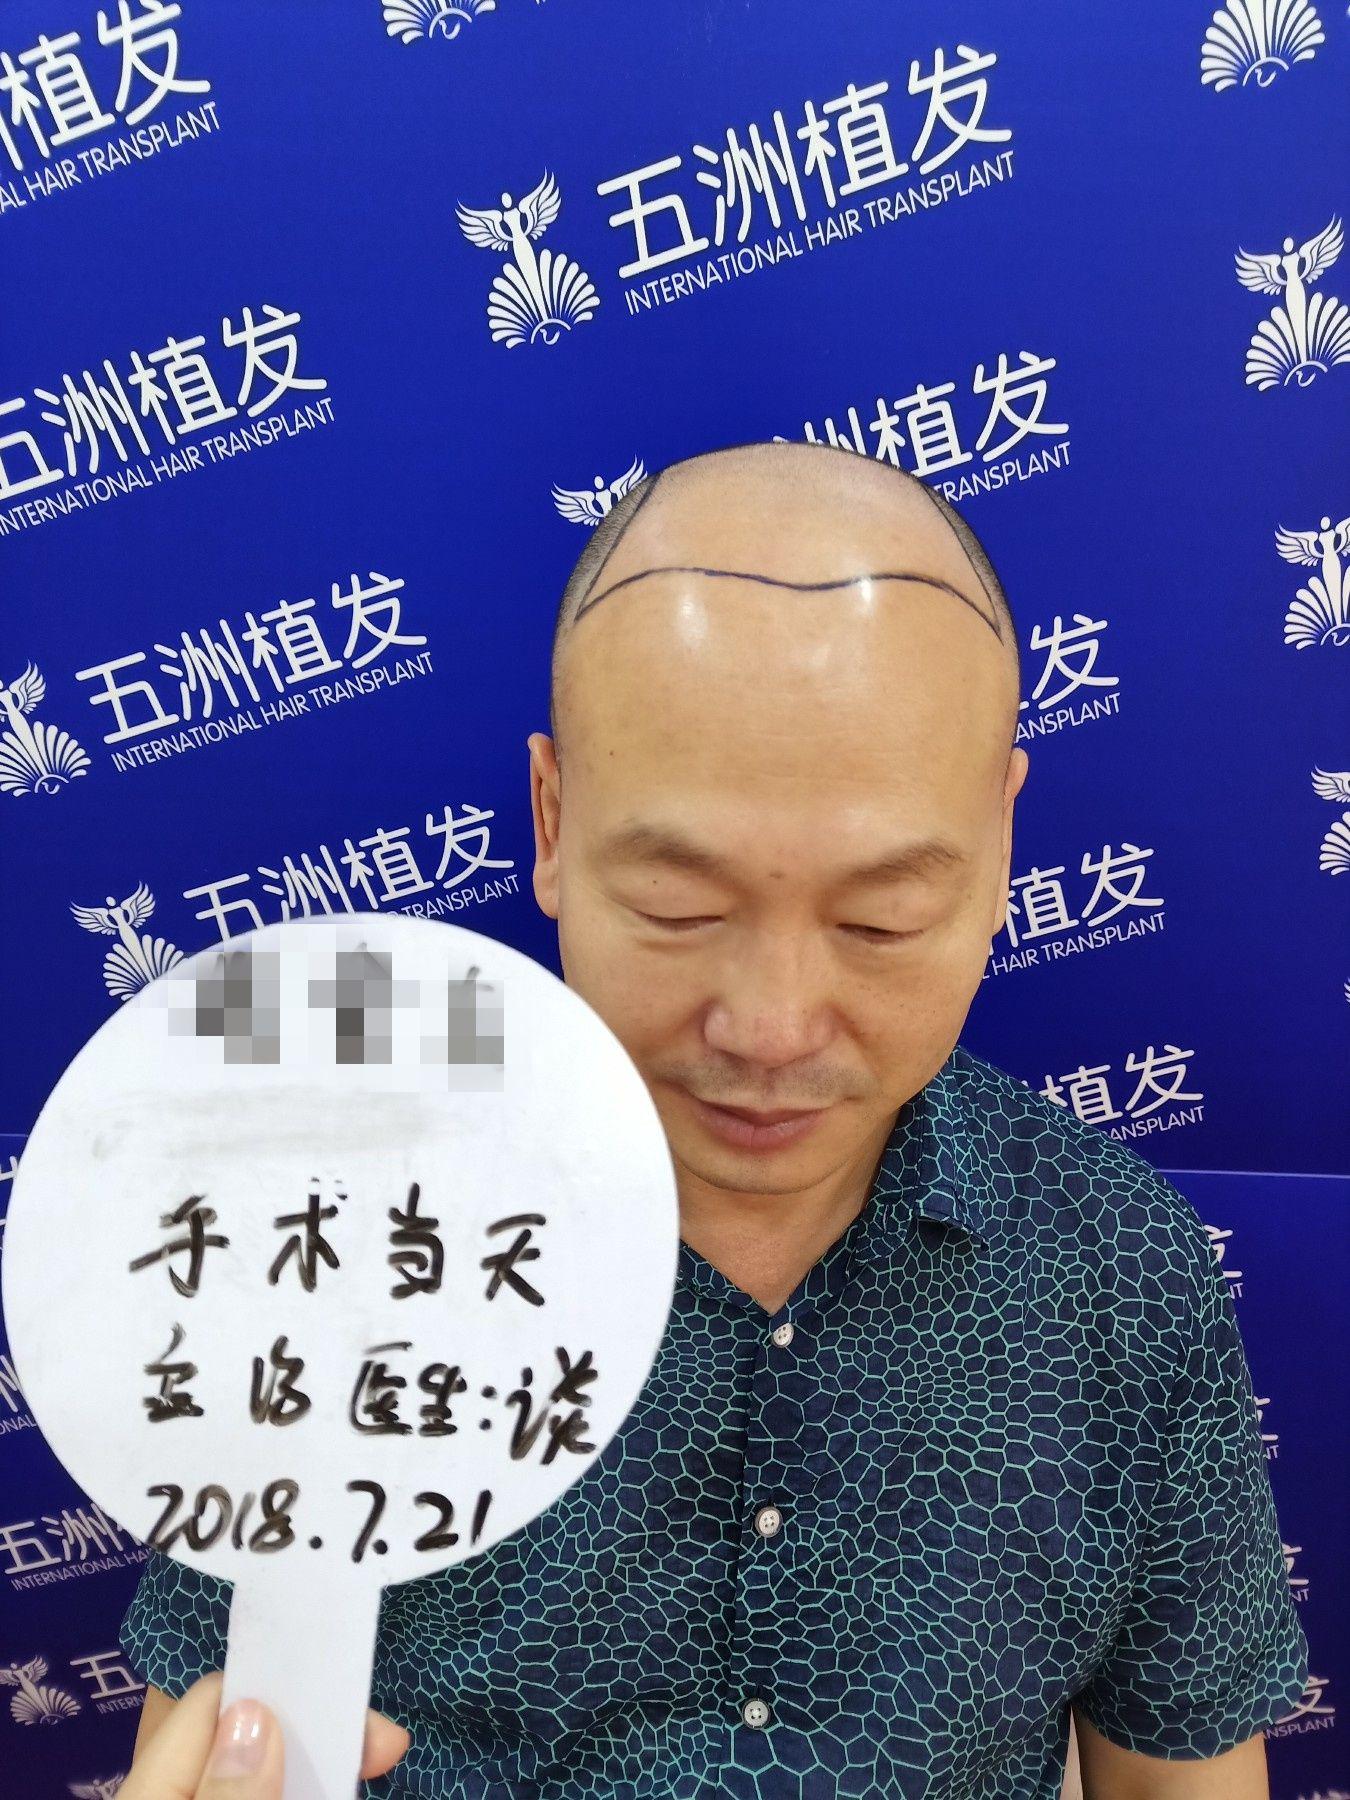 漳州植发哪个好推毛博士